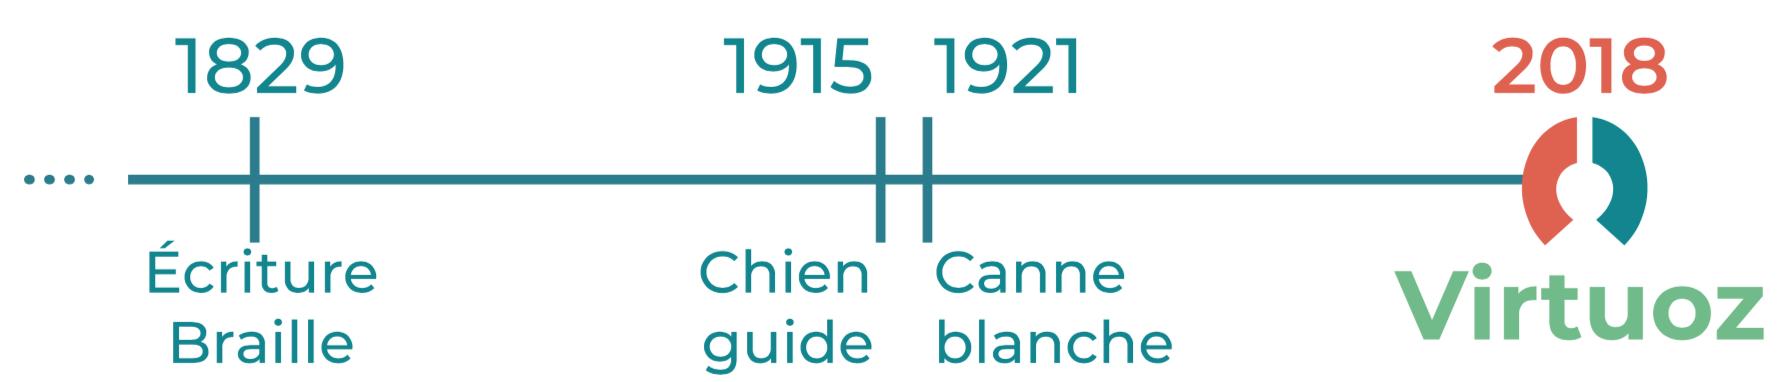 1829 écriture braille, 1915 chien guide, 1921 canne blanche et 2018 Virtuoz